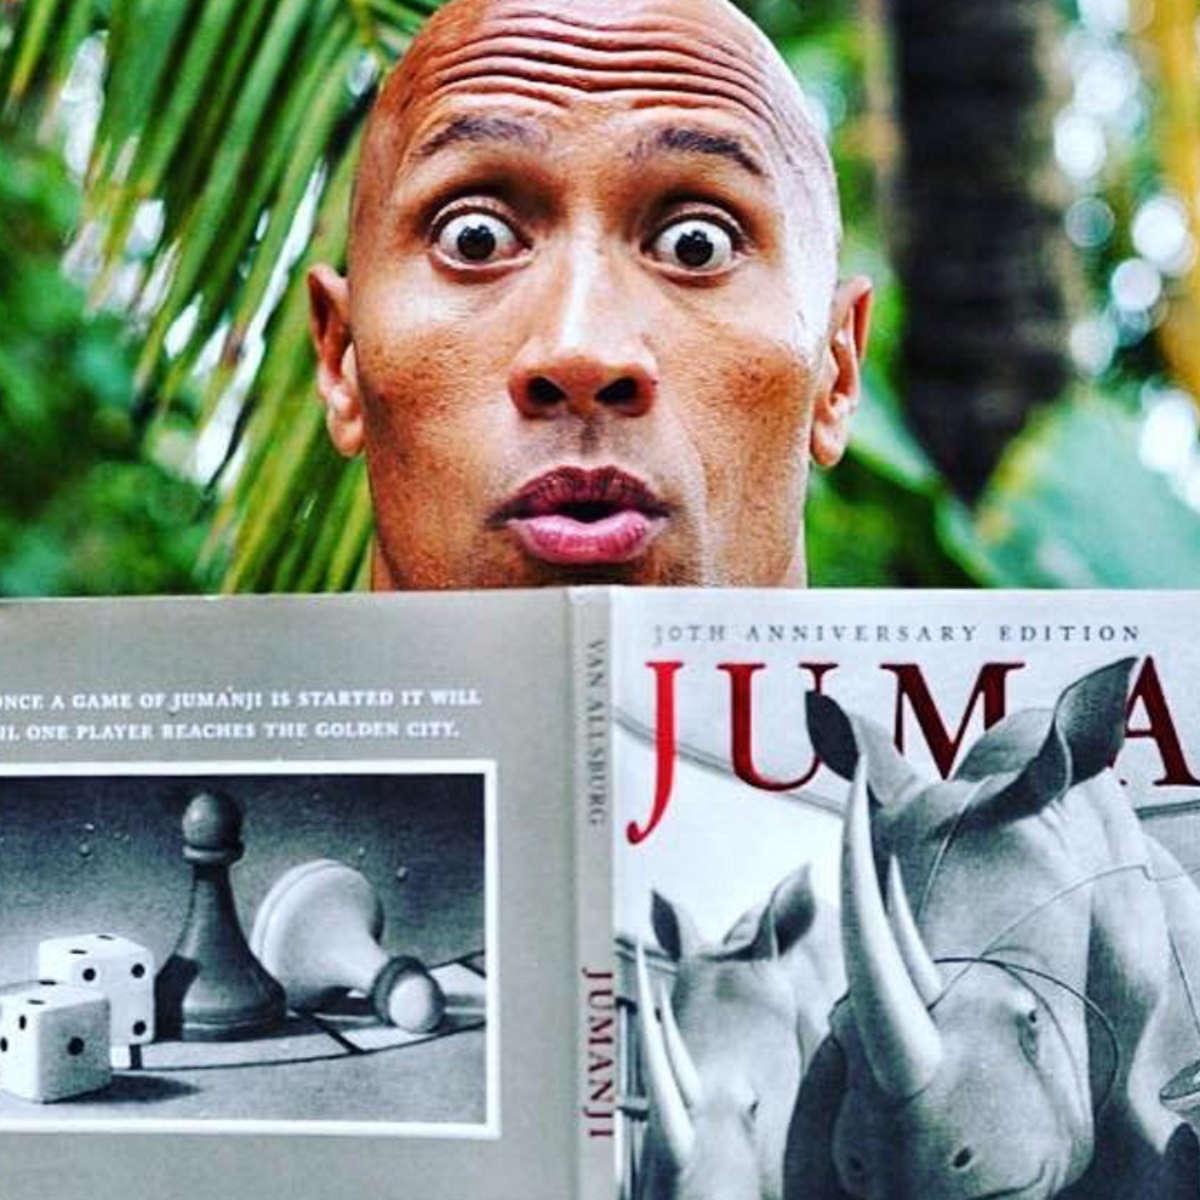 Dwayne-Johnson-Jumanji.jpg